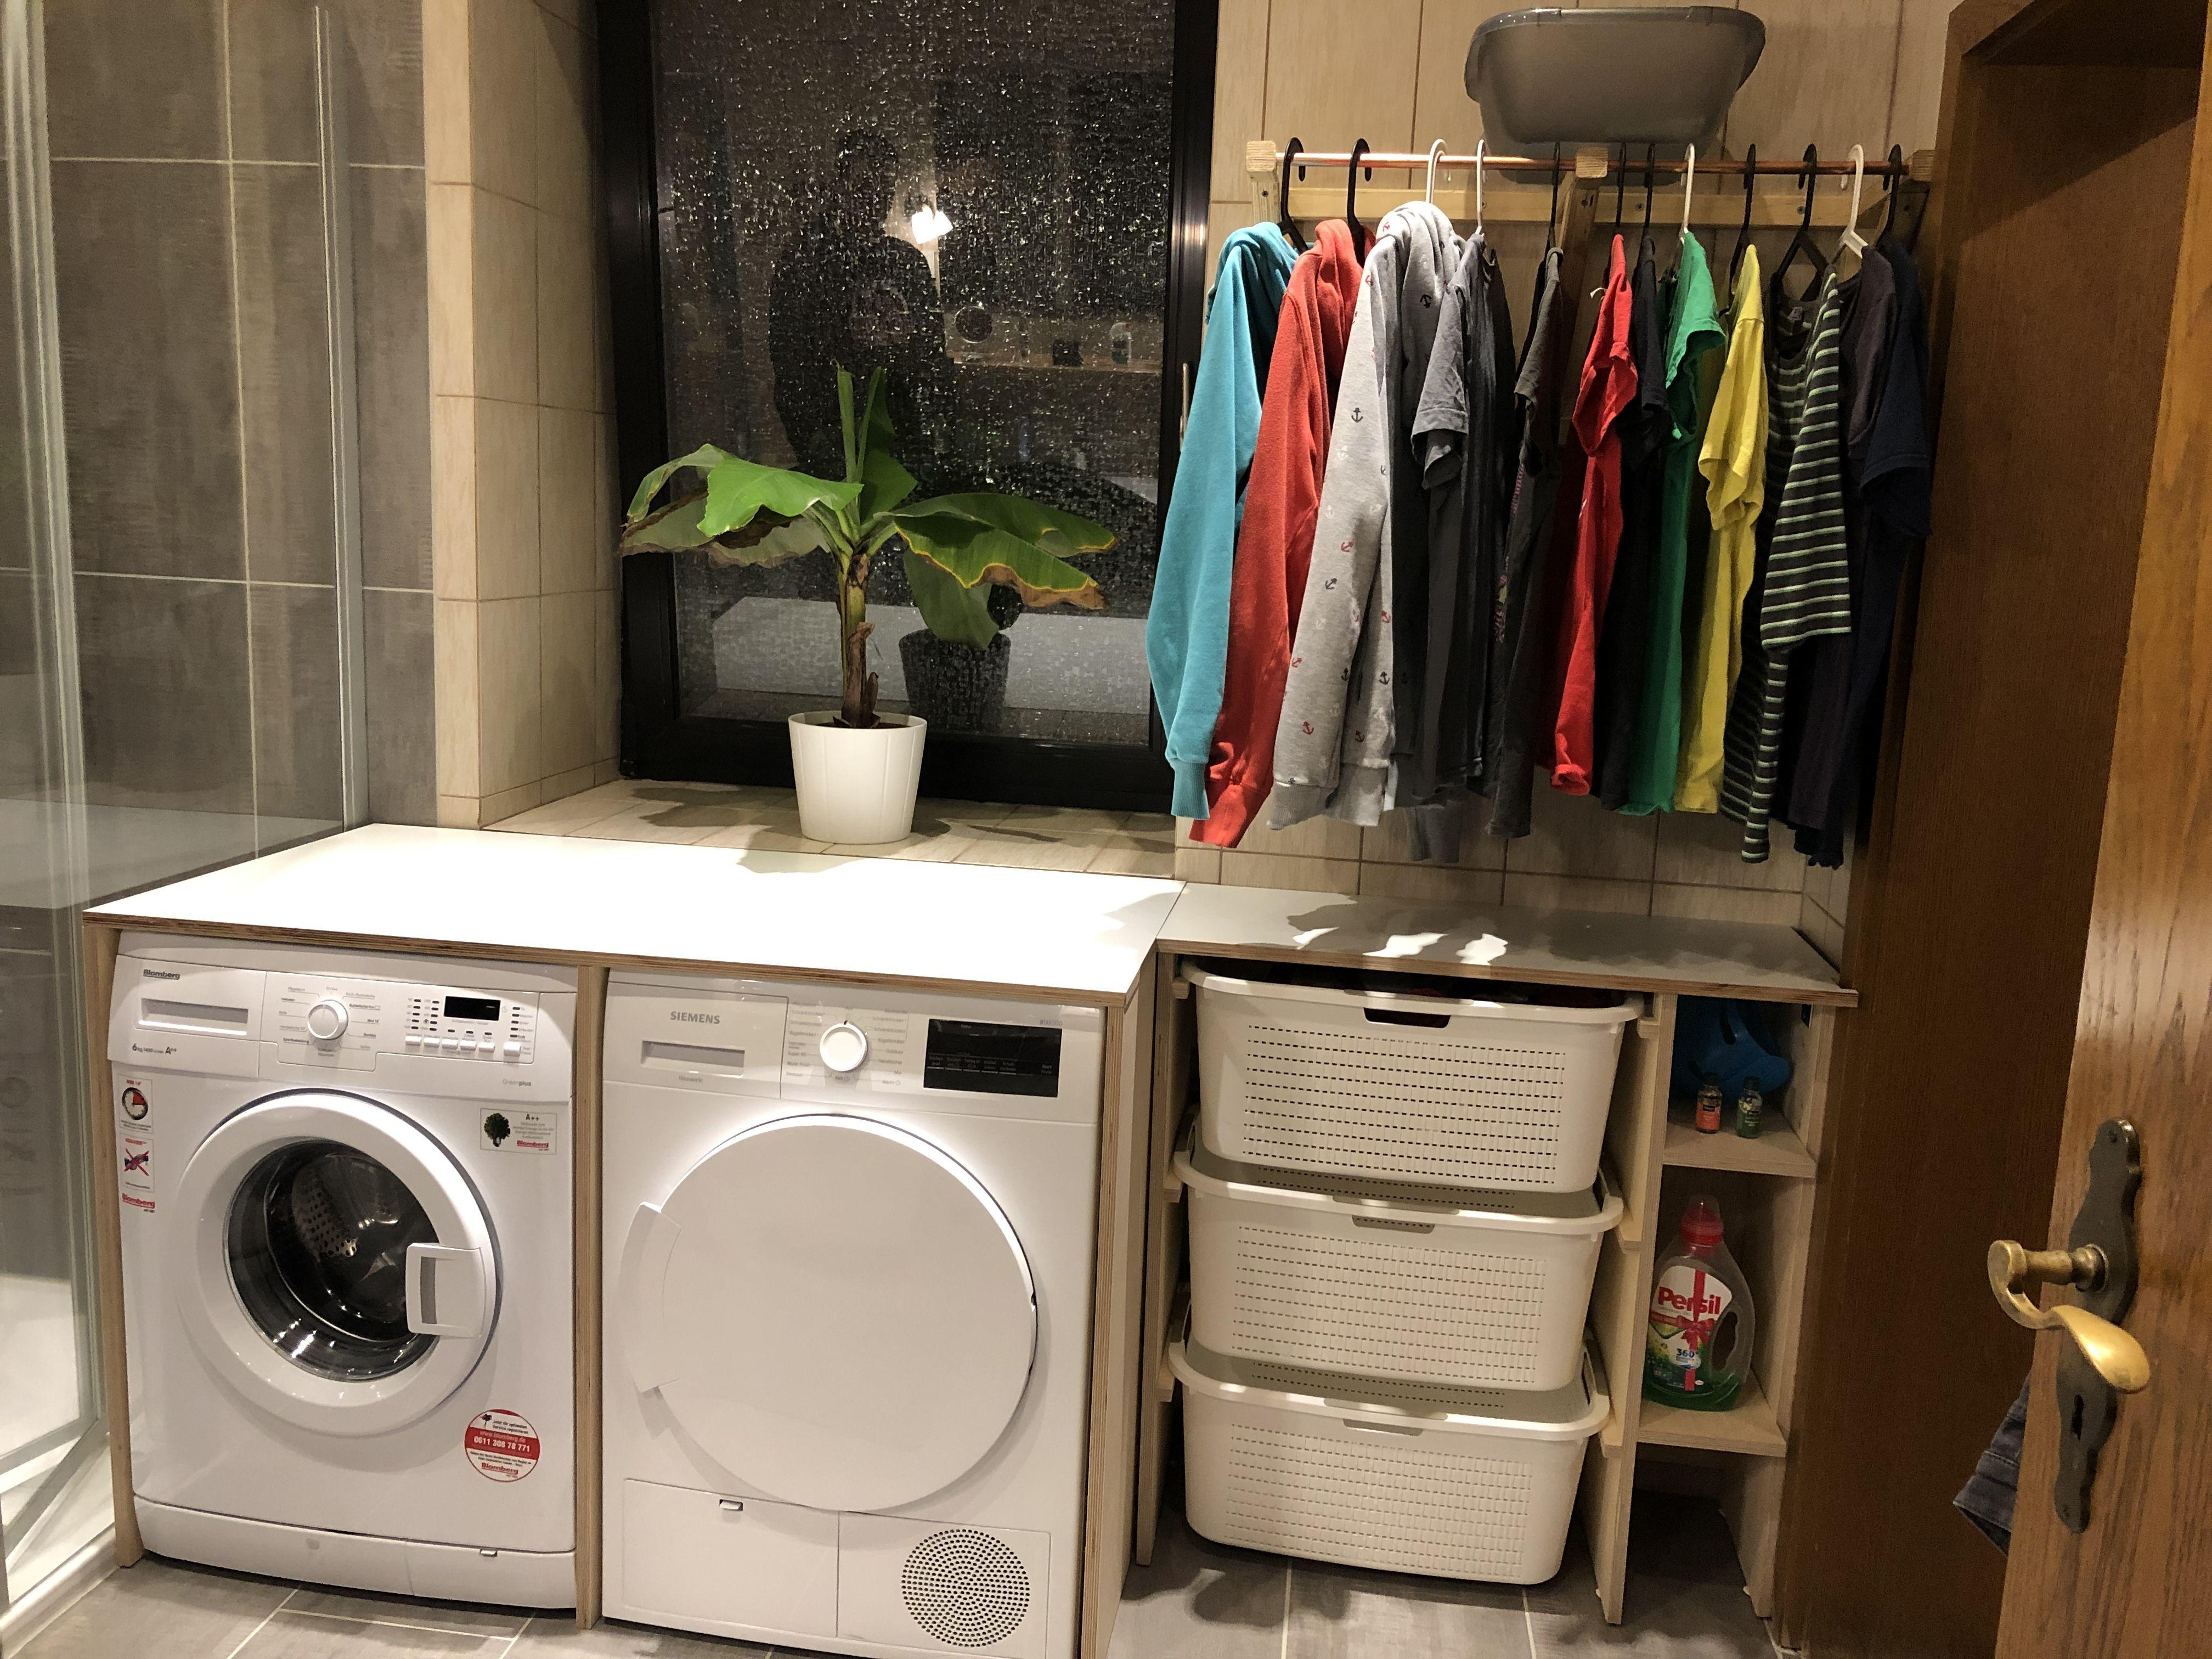 Waschekorb Schrank Waschmaschine Trockner Kleideraufbeahrung